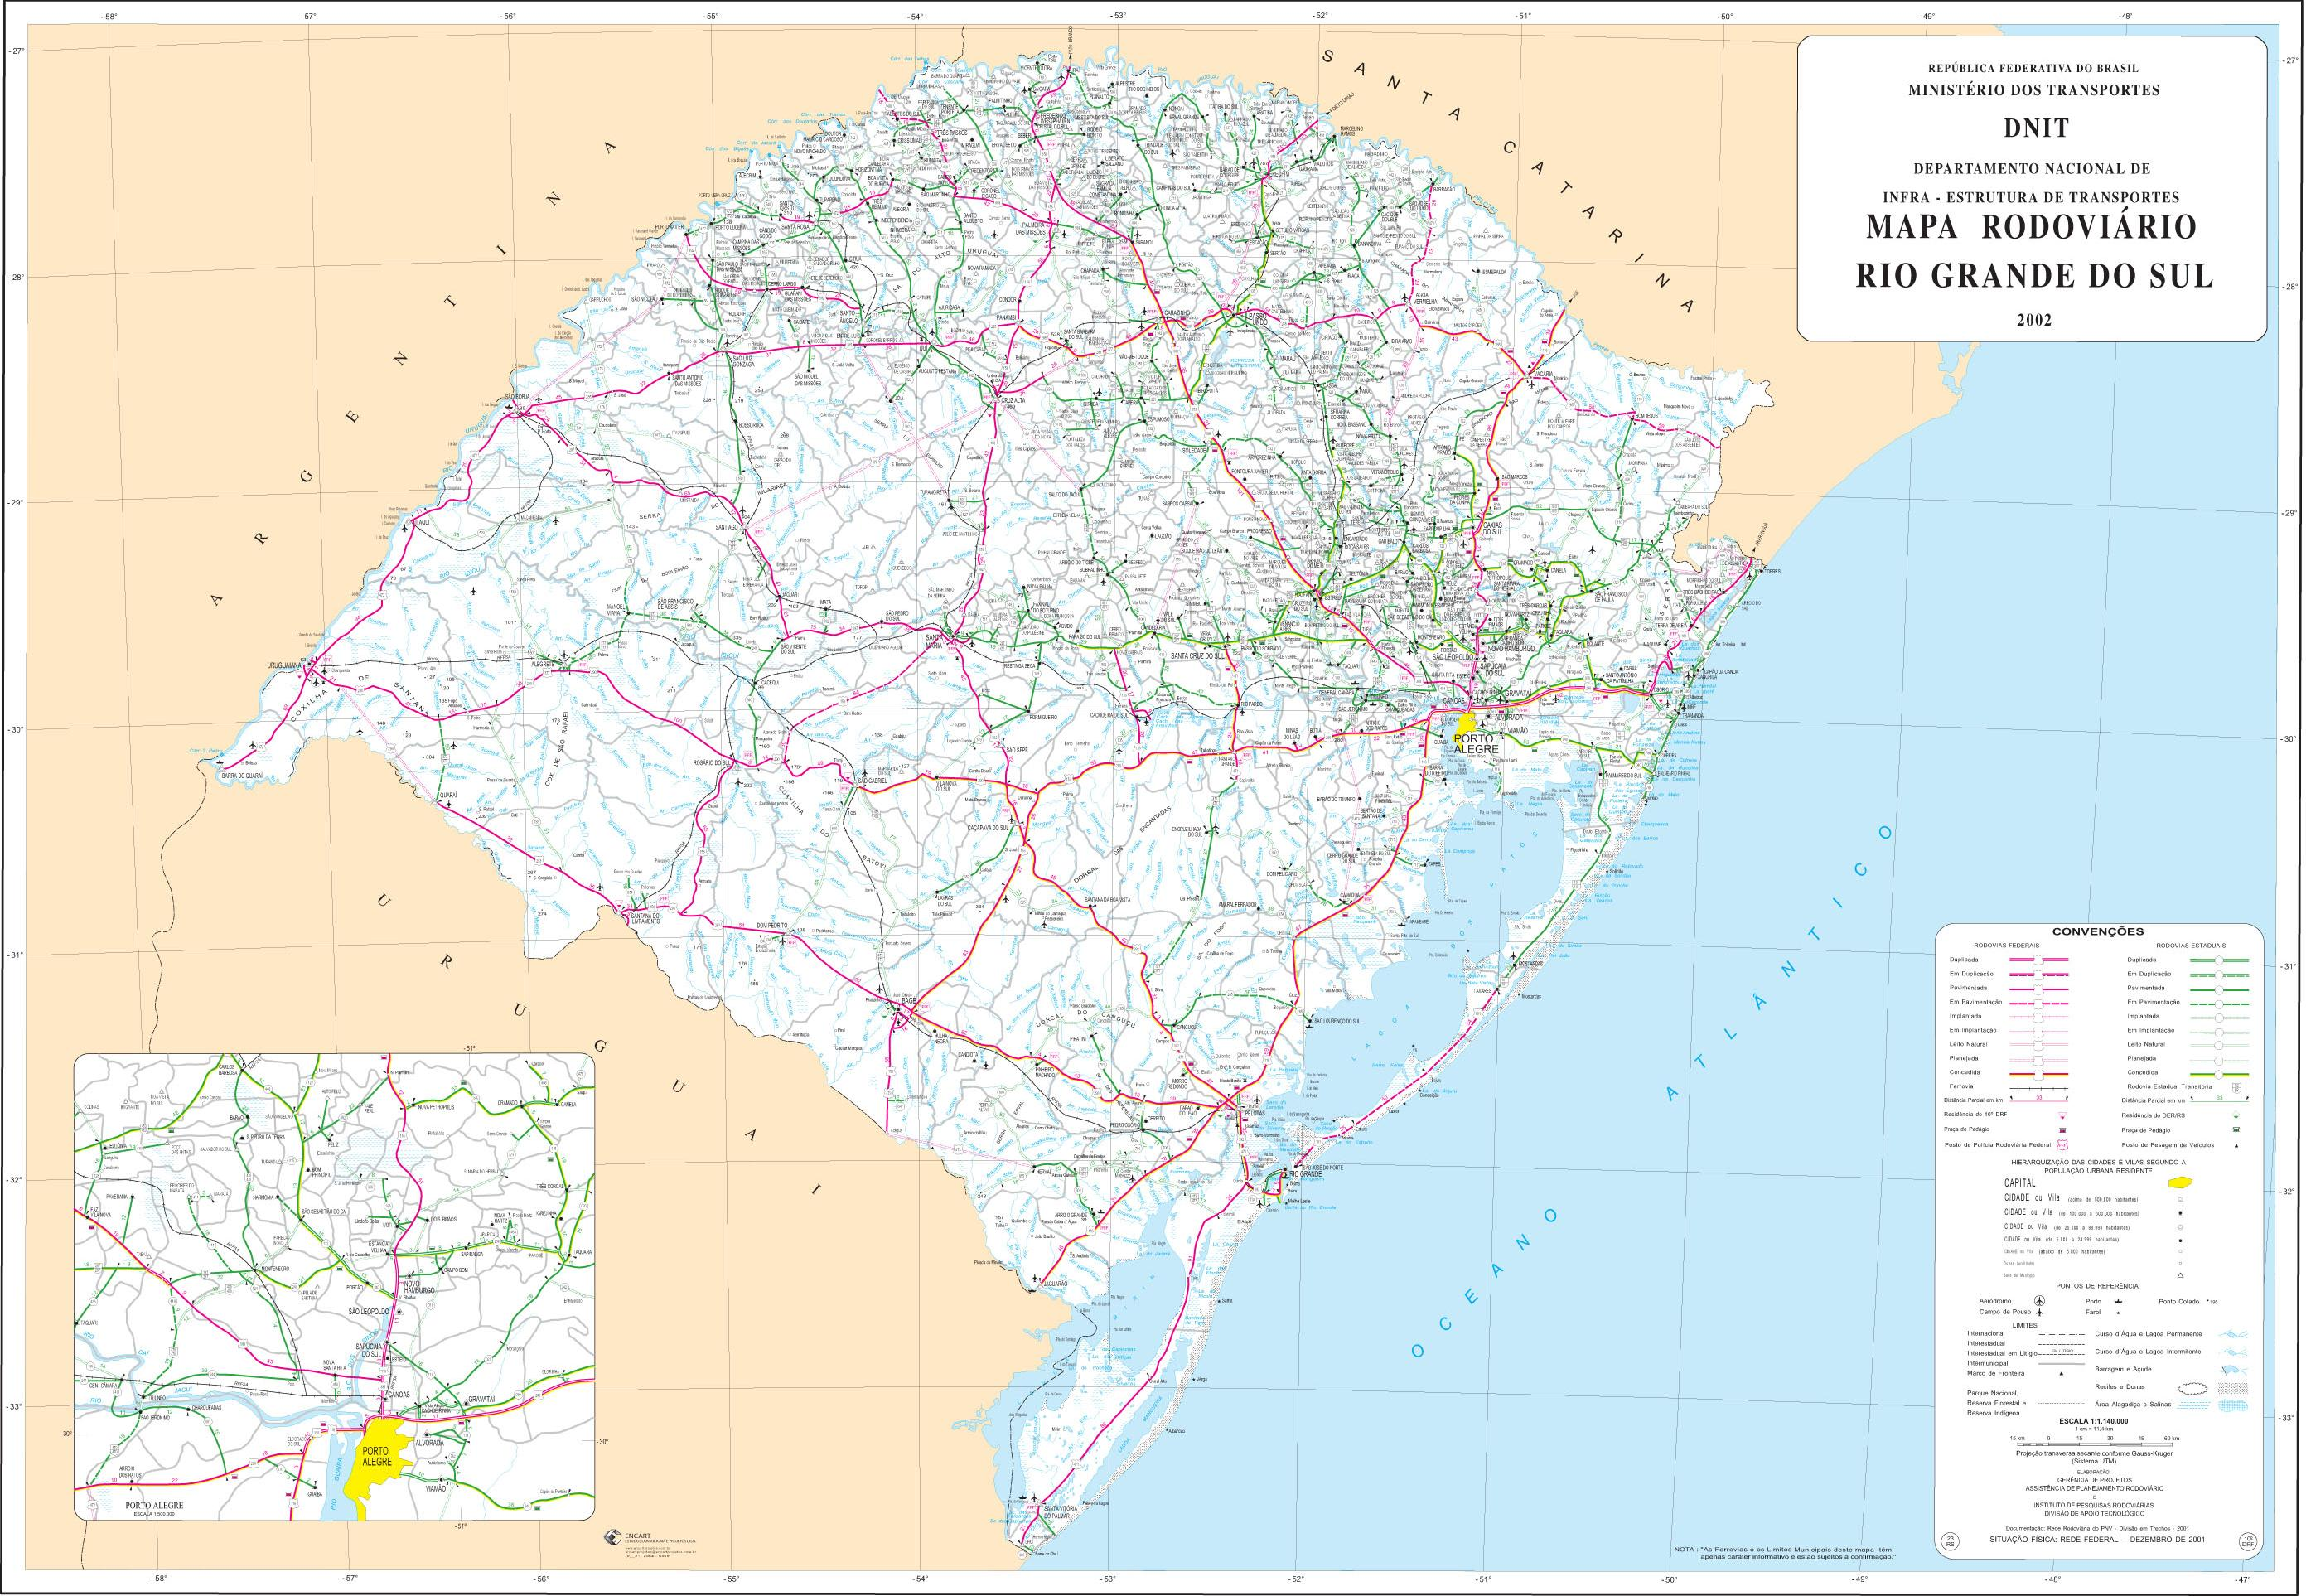 Mapa de Carreteras Federales y Estatales del Edo. de Rio Grande do Sul, Brasil